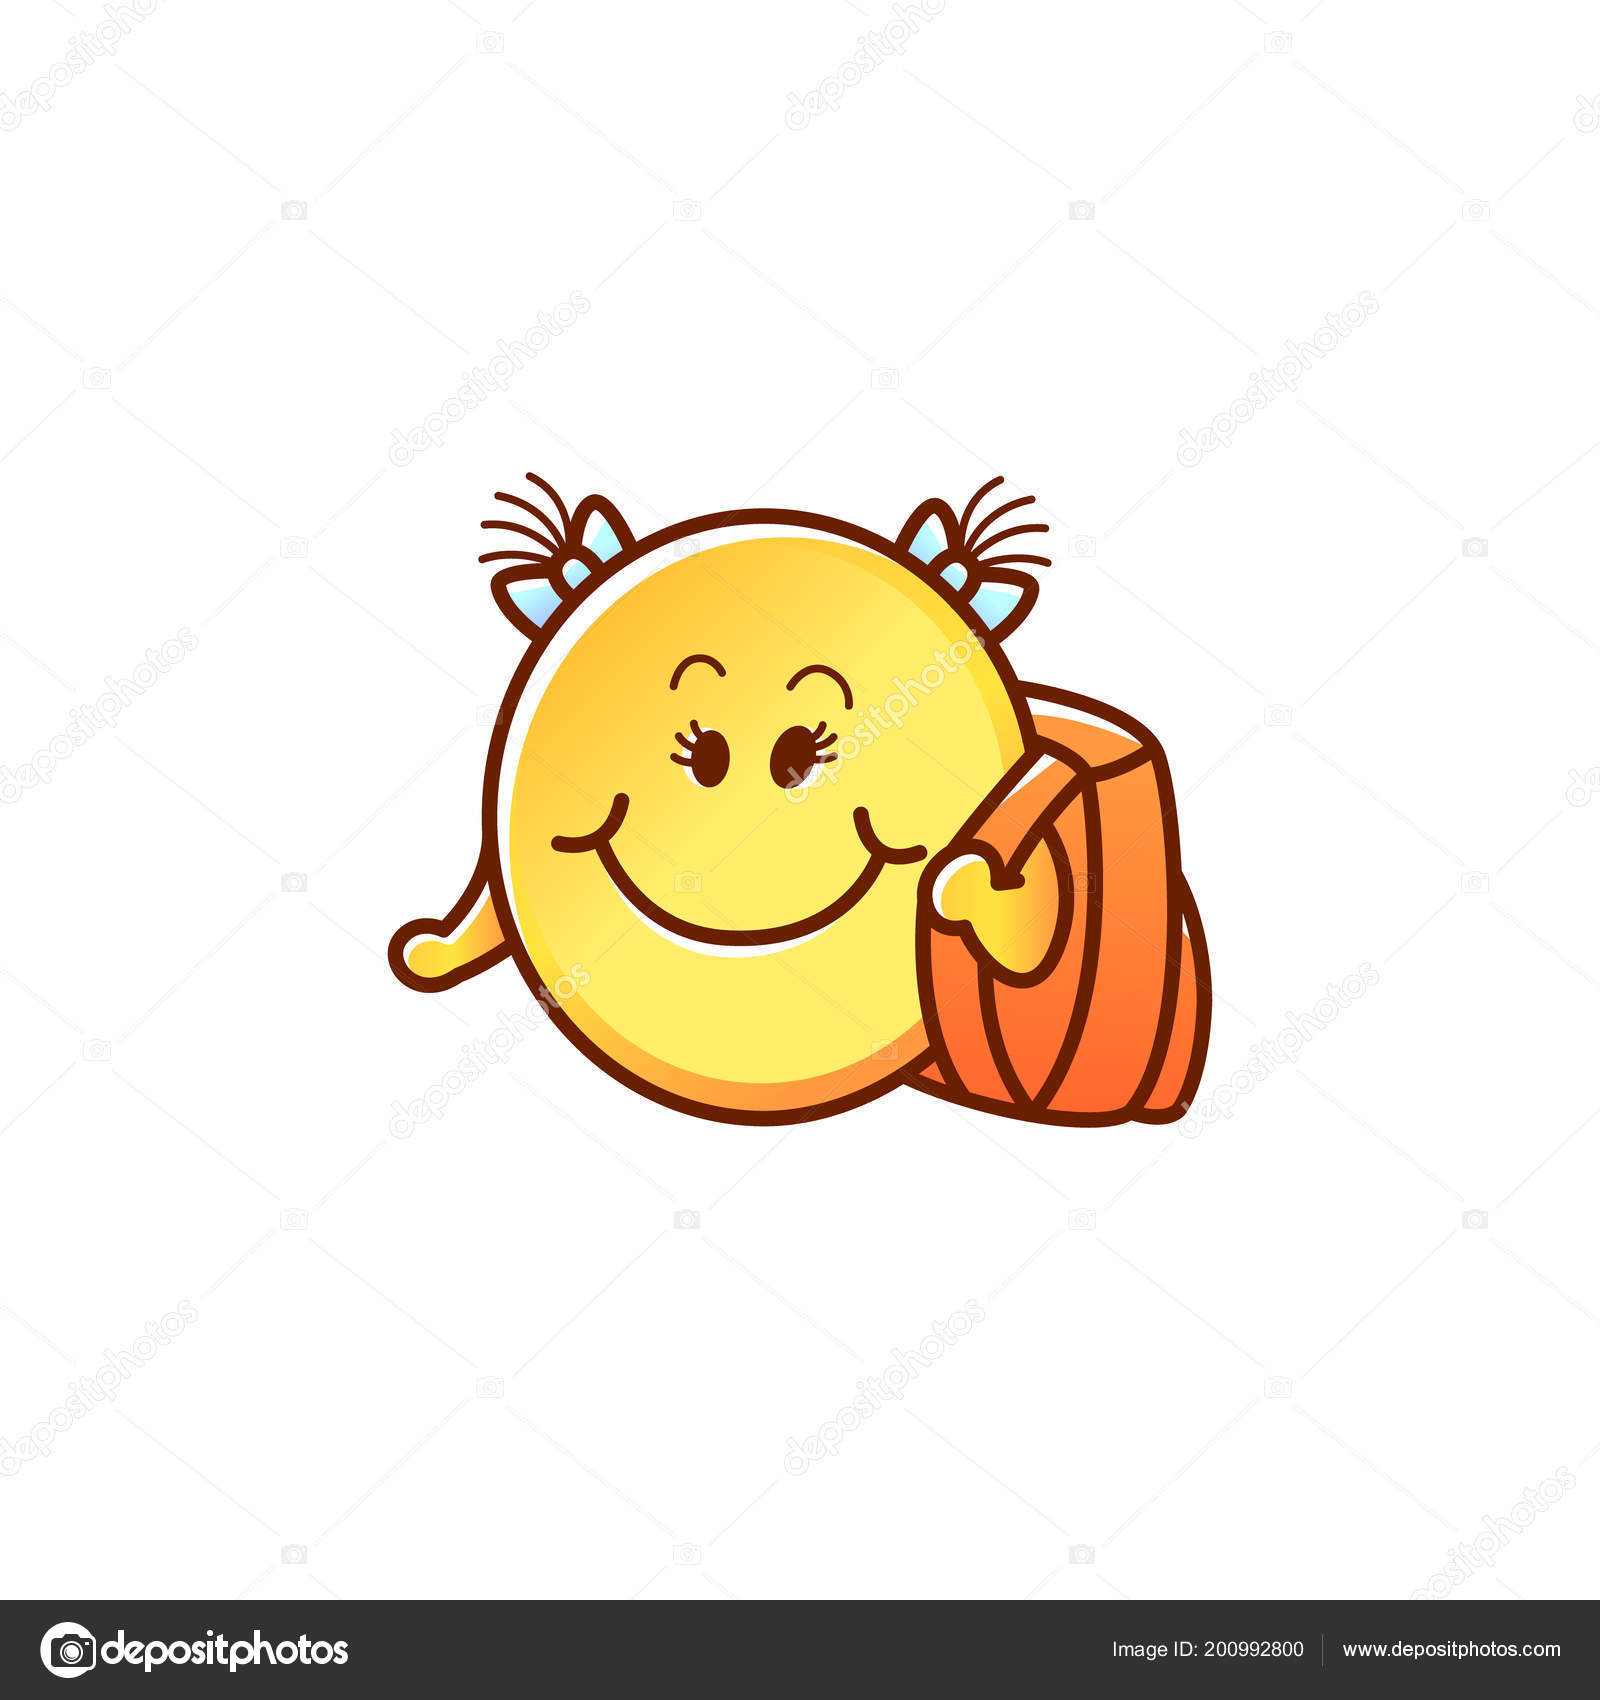 f27e5e9a1f Γελαστό πρόσωπο φοιτητή με σακίδιο - κορίτσι χαριτωμένο ευτυχισμένη  φατσούλα κίτρινο με μαλλιά τσαμπιά και σχολική τσάντα που απομονώνονται σε  λευκό φόντο.